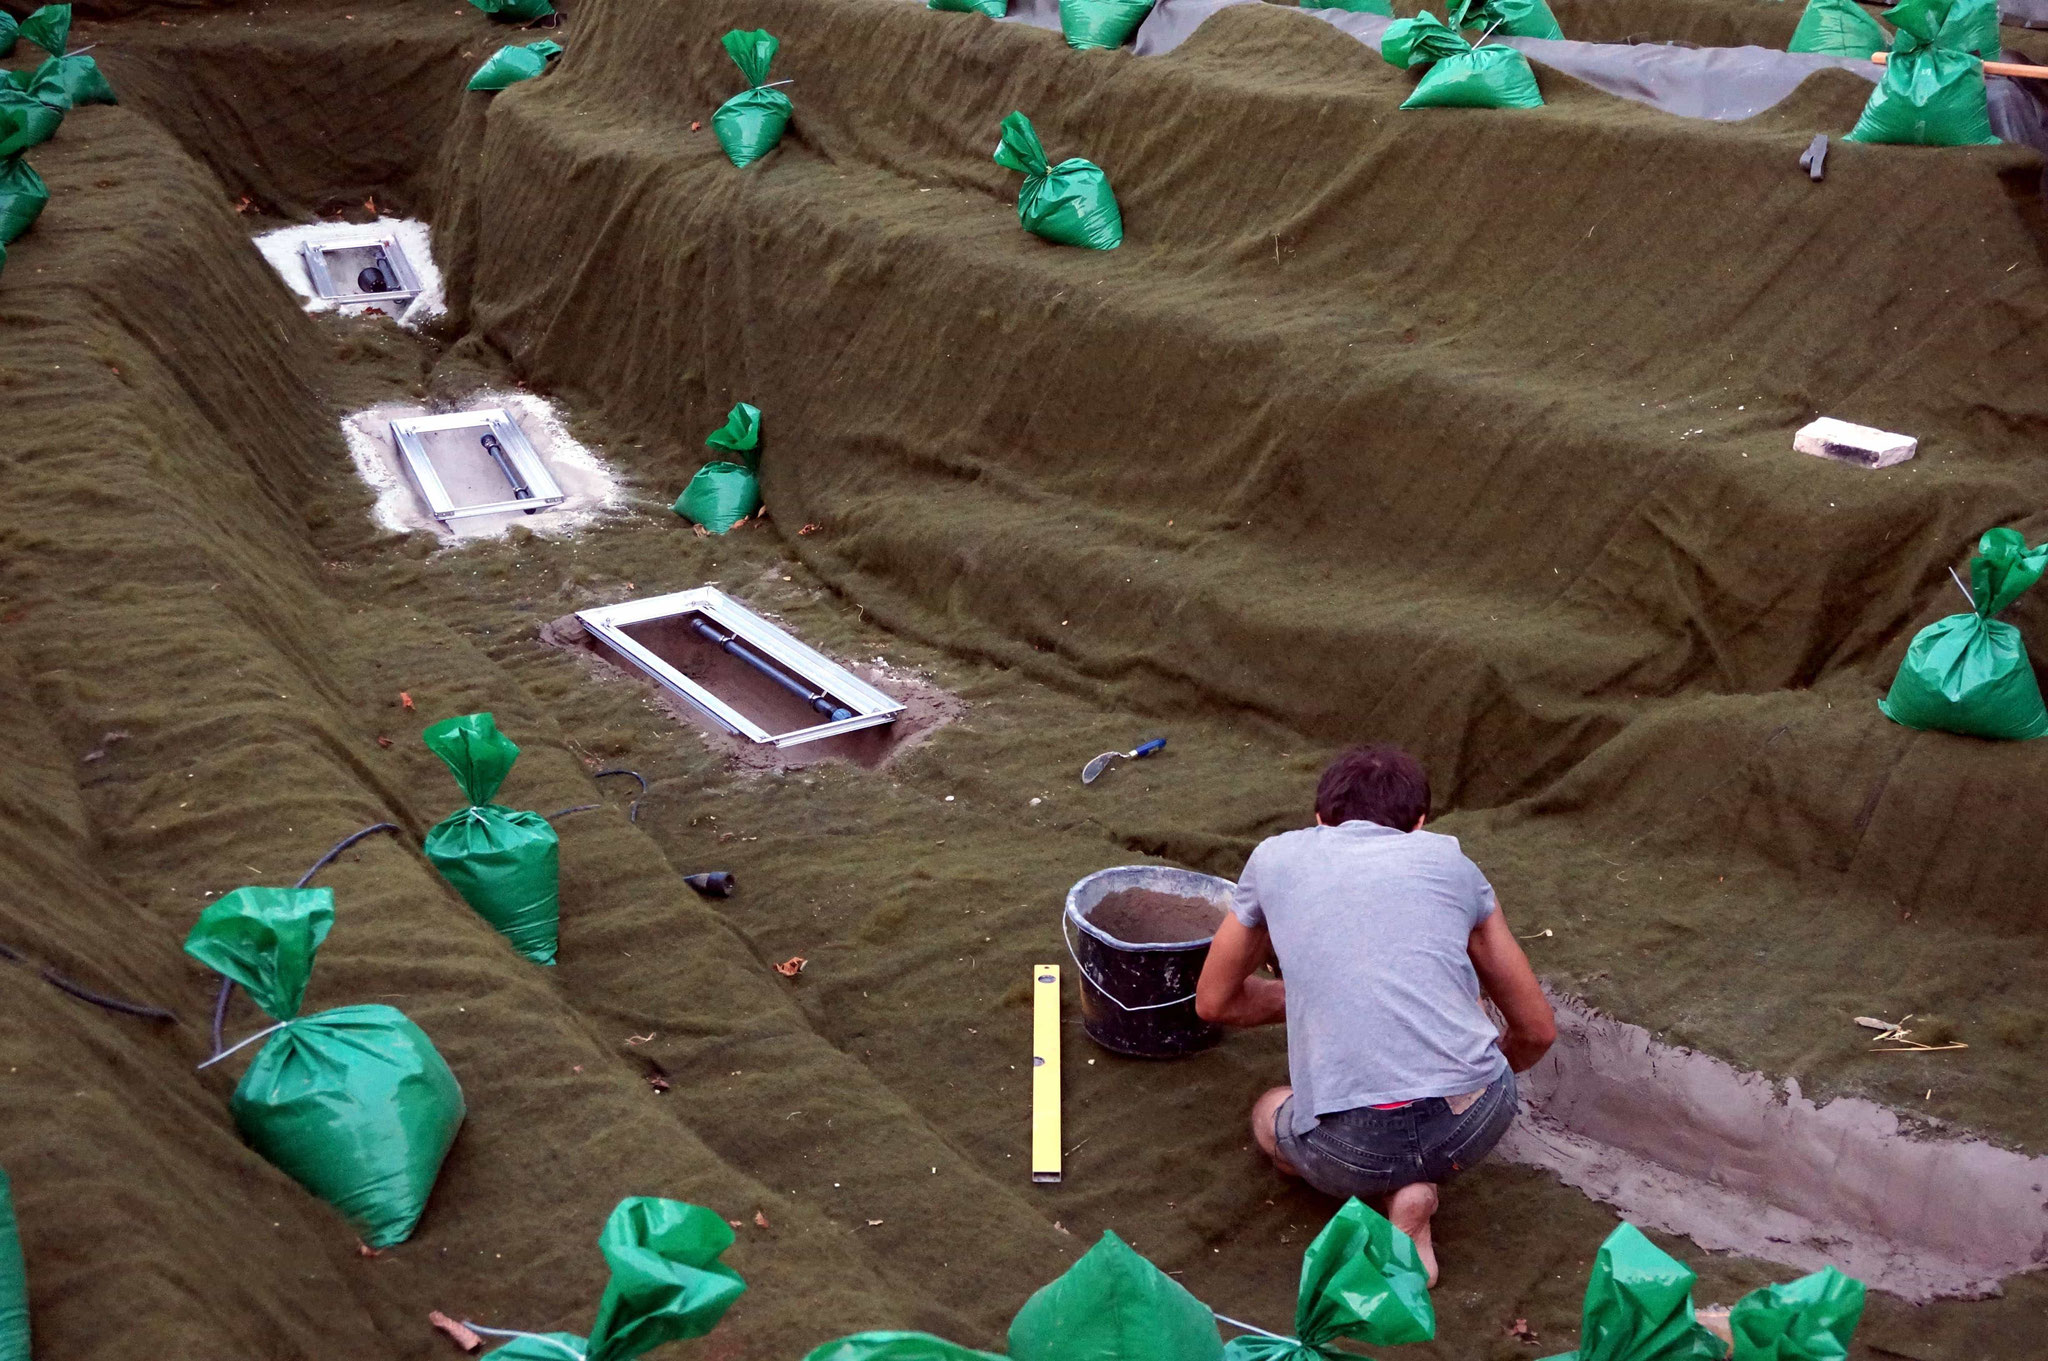 Einsetzen der Sedimentfallen